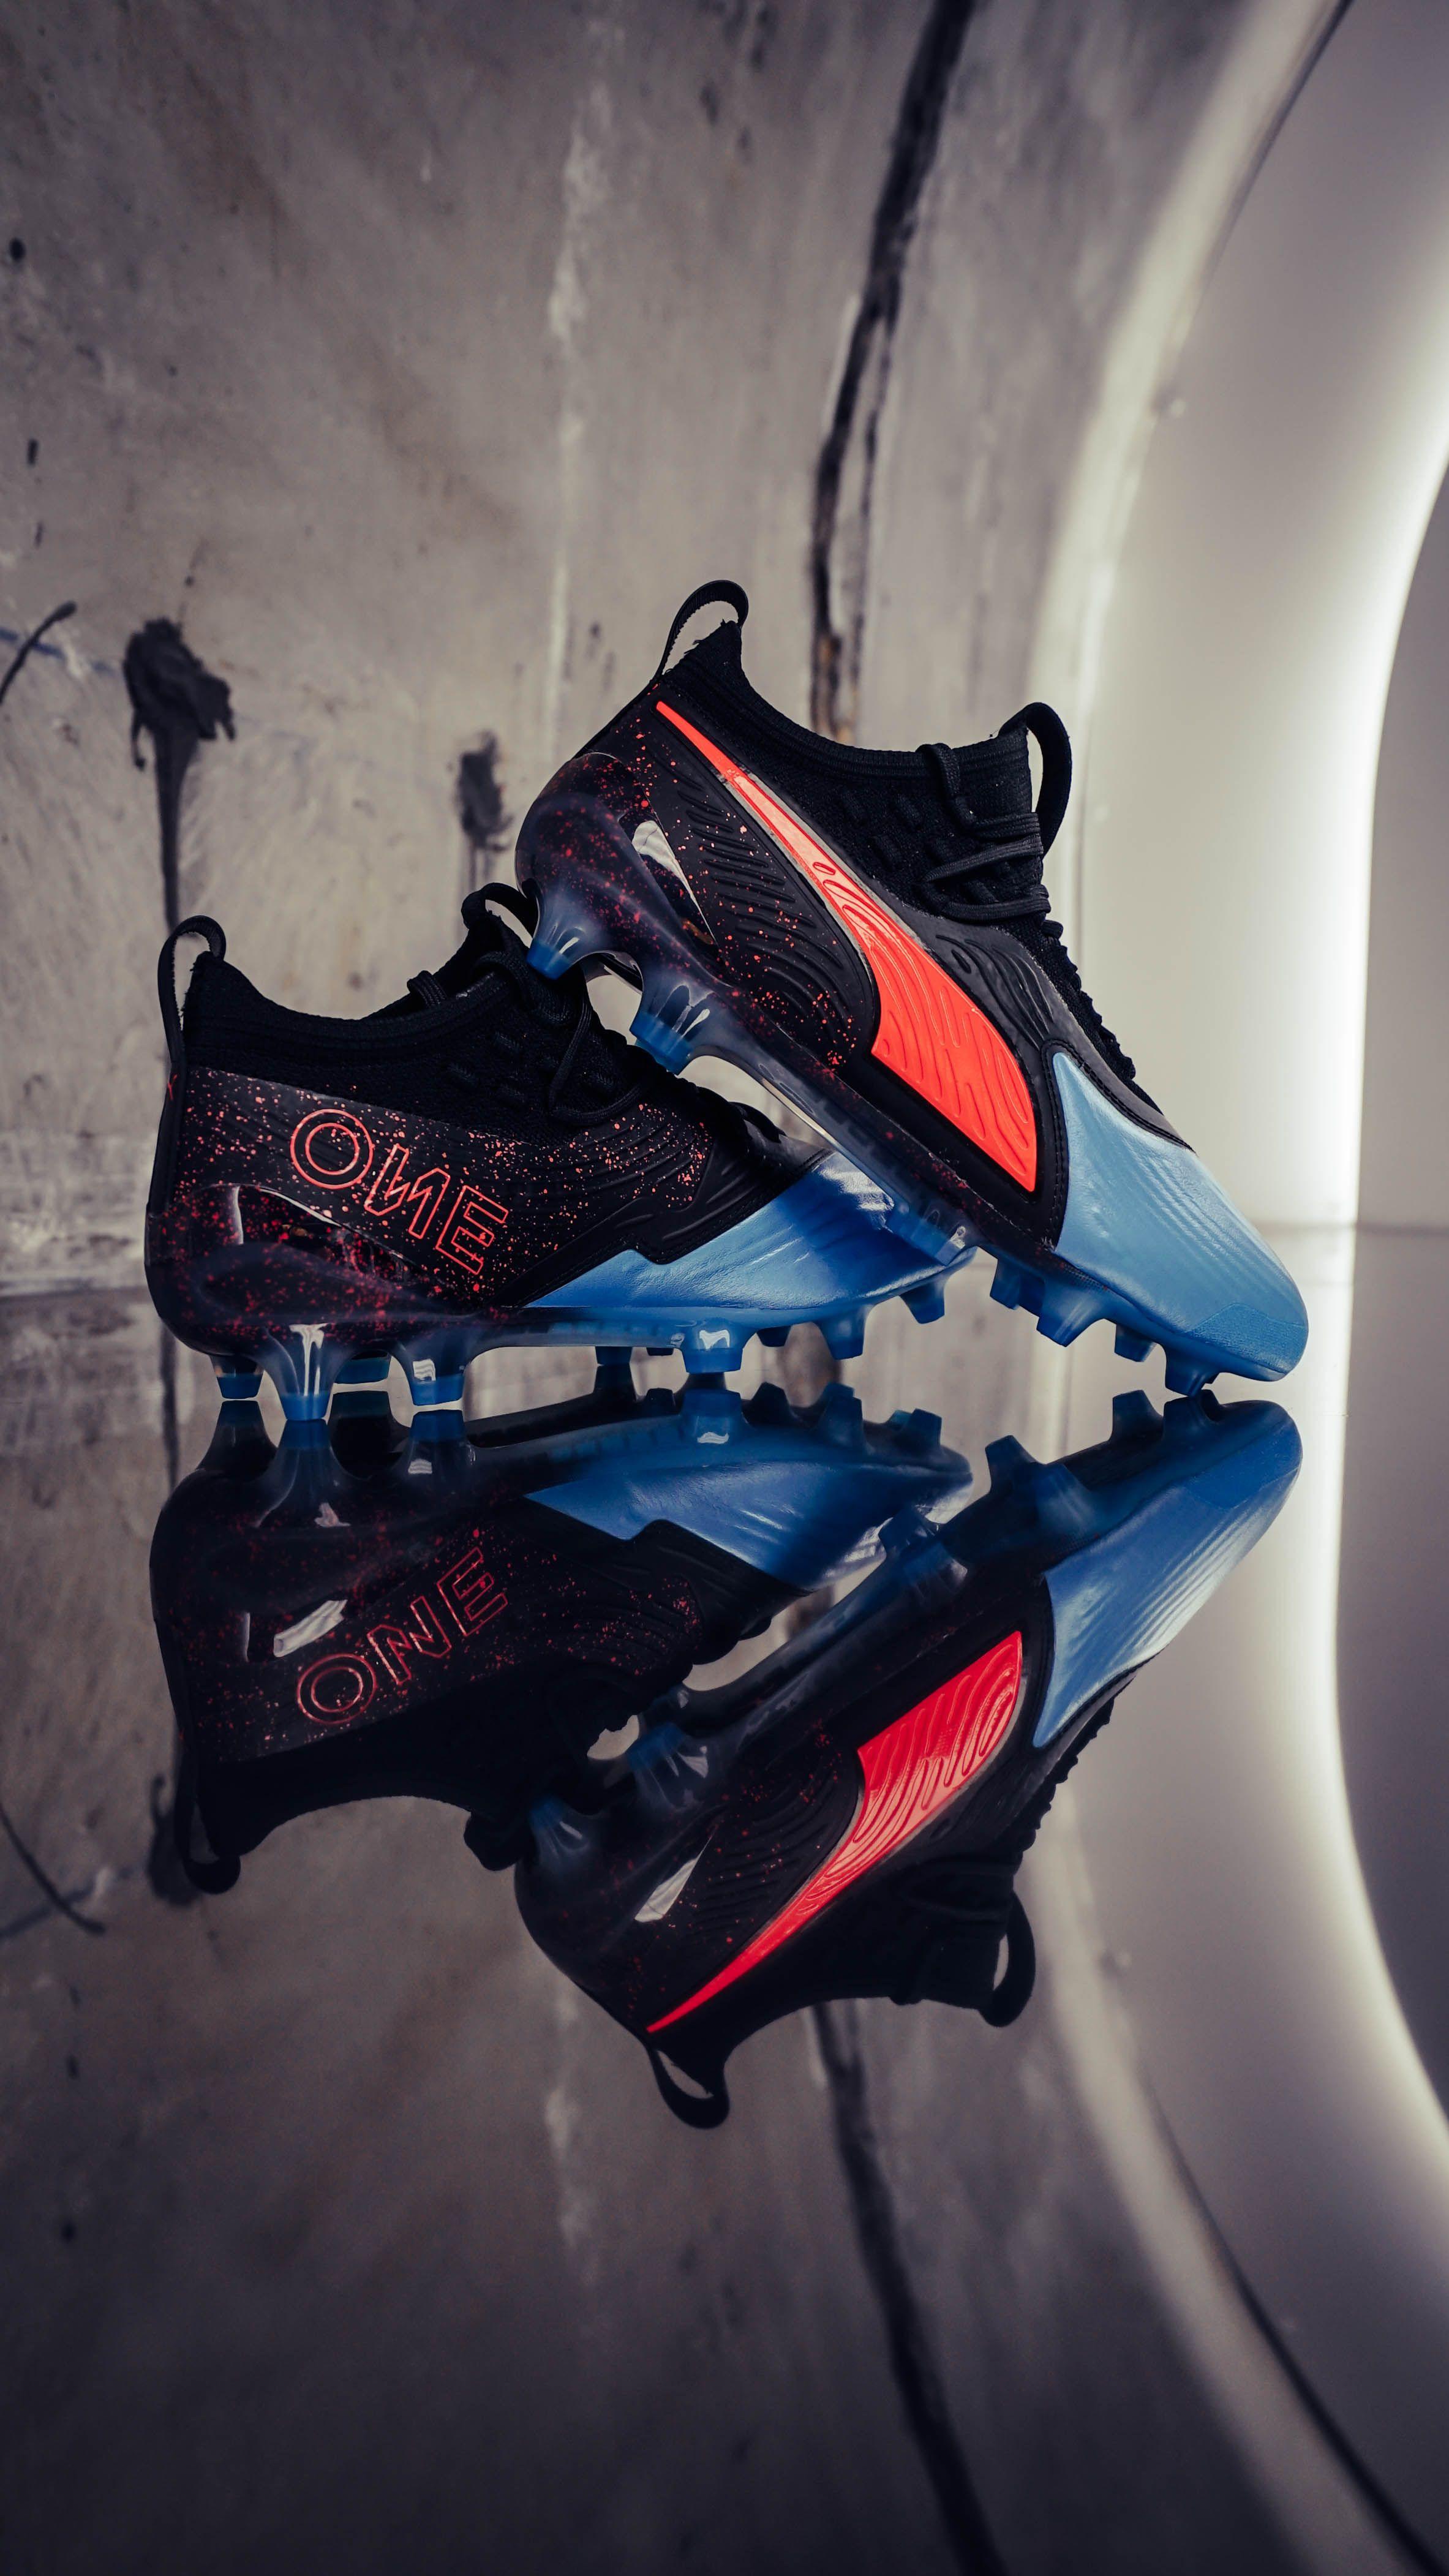 Nuevas botas de fútbol Puma One de la colección Power Up Pack. Fotón de   gpastor13 para futbolmania.com 107dff5843ca4